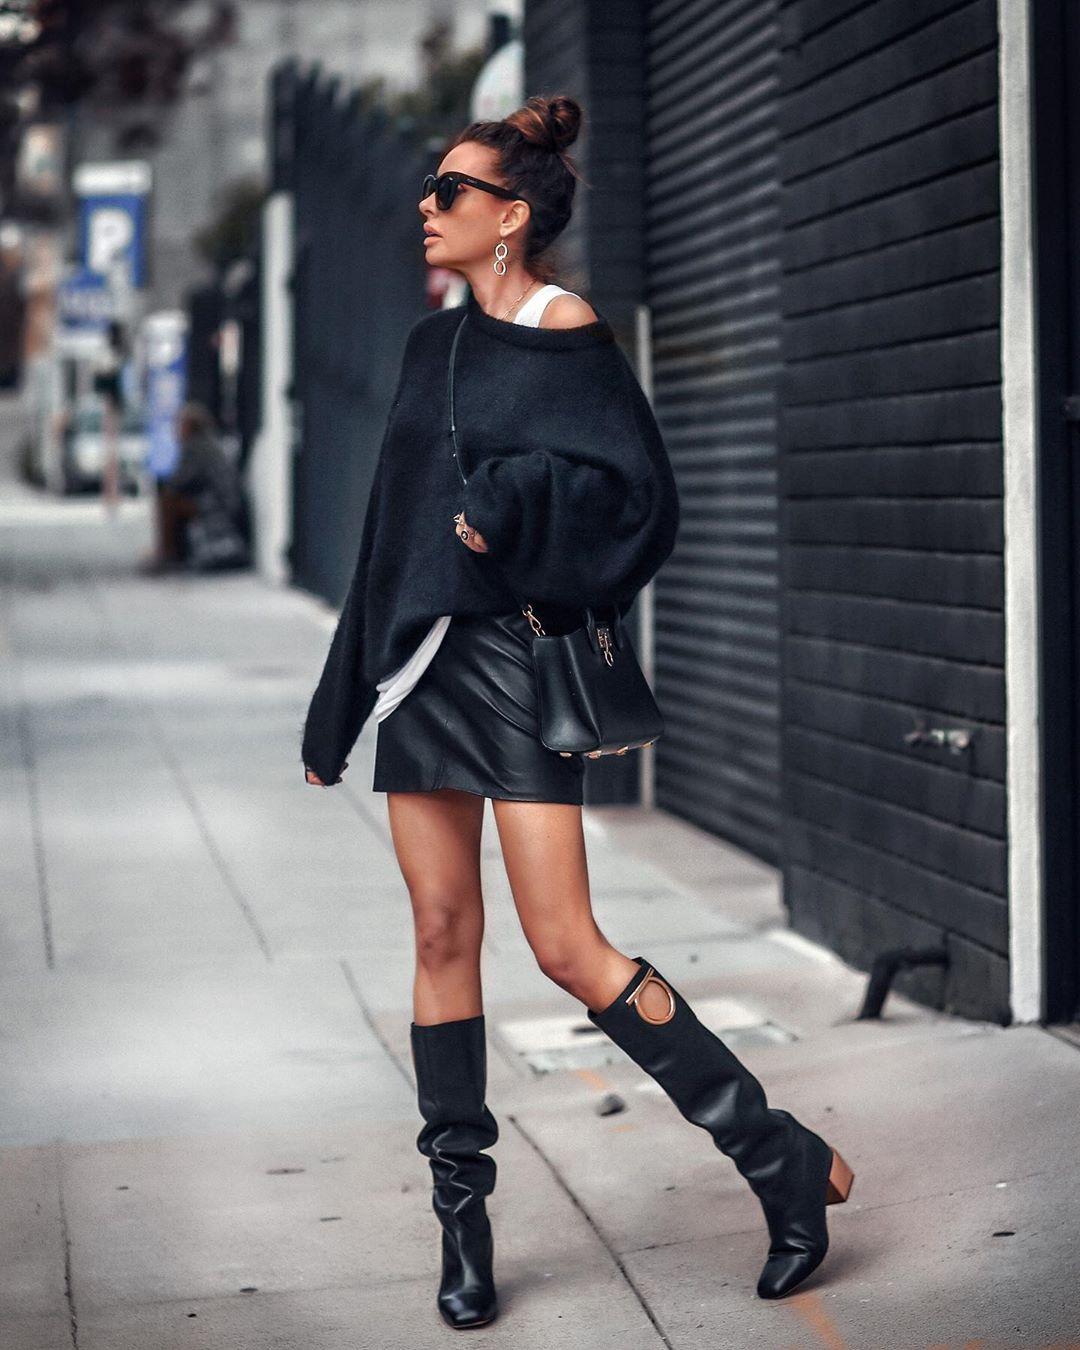 черная кожаная юбка фото 13